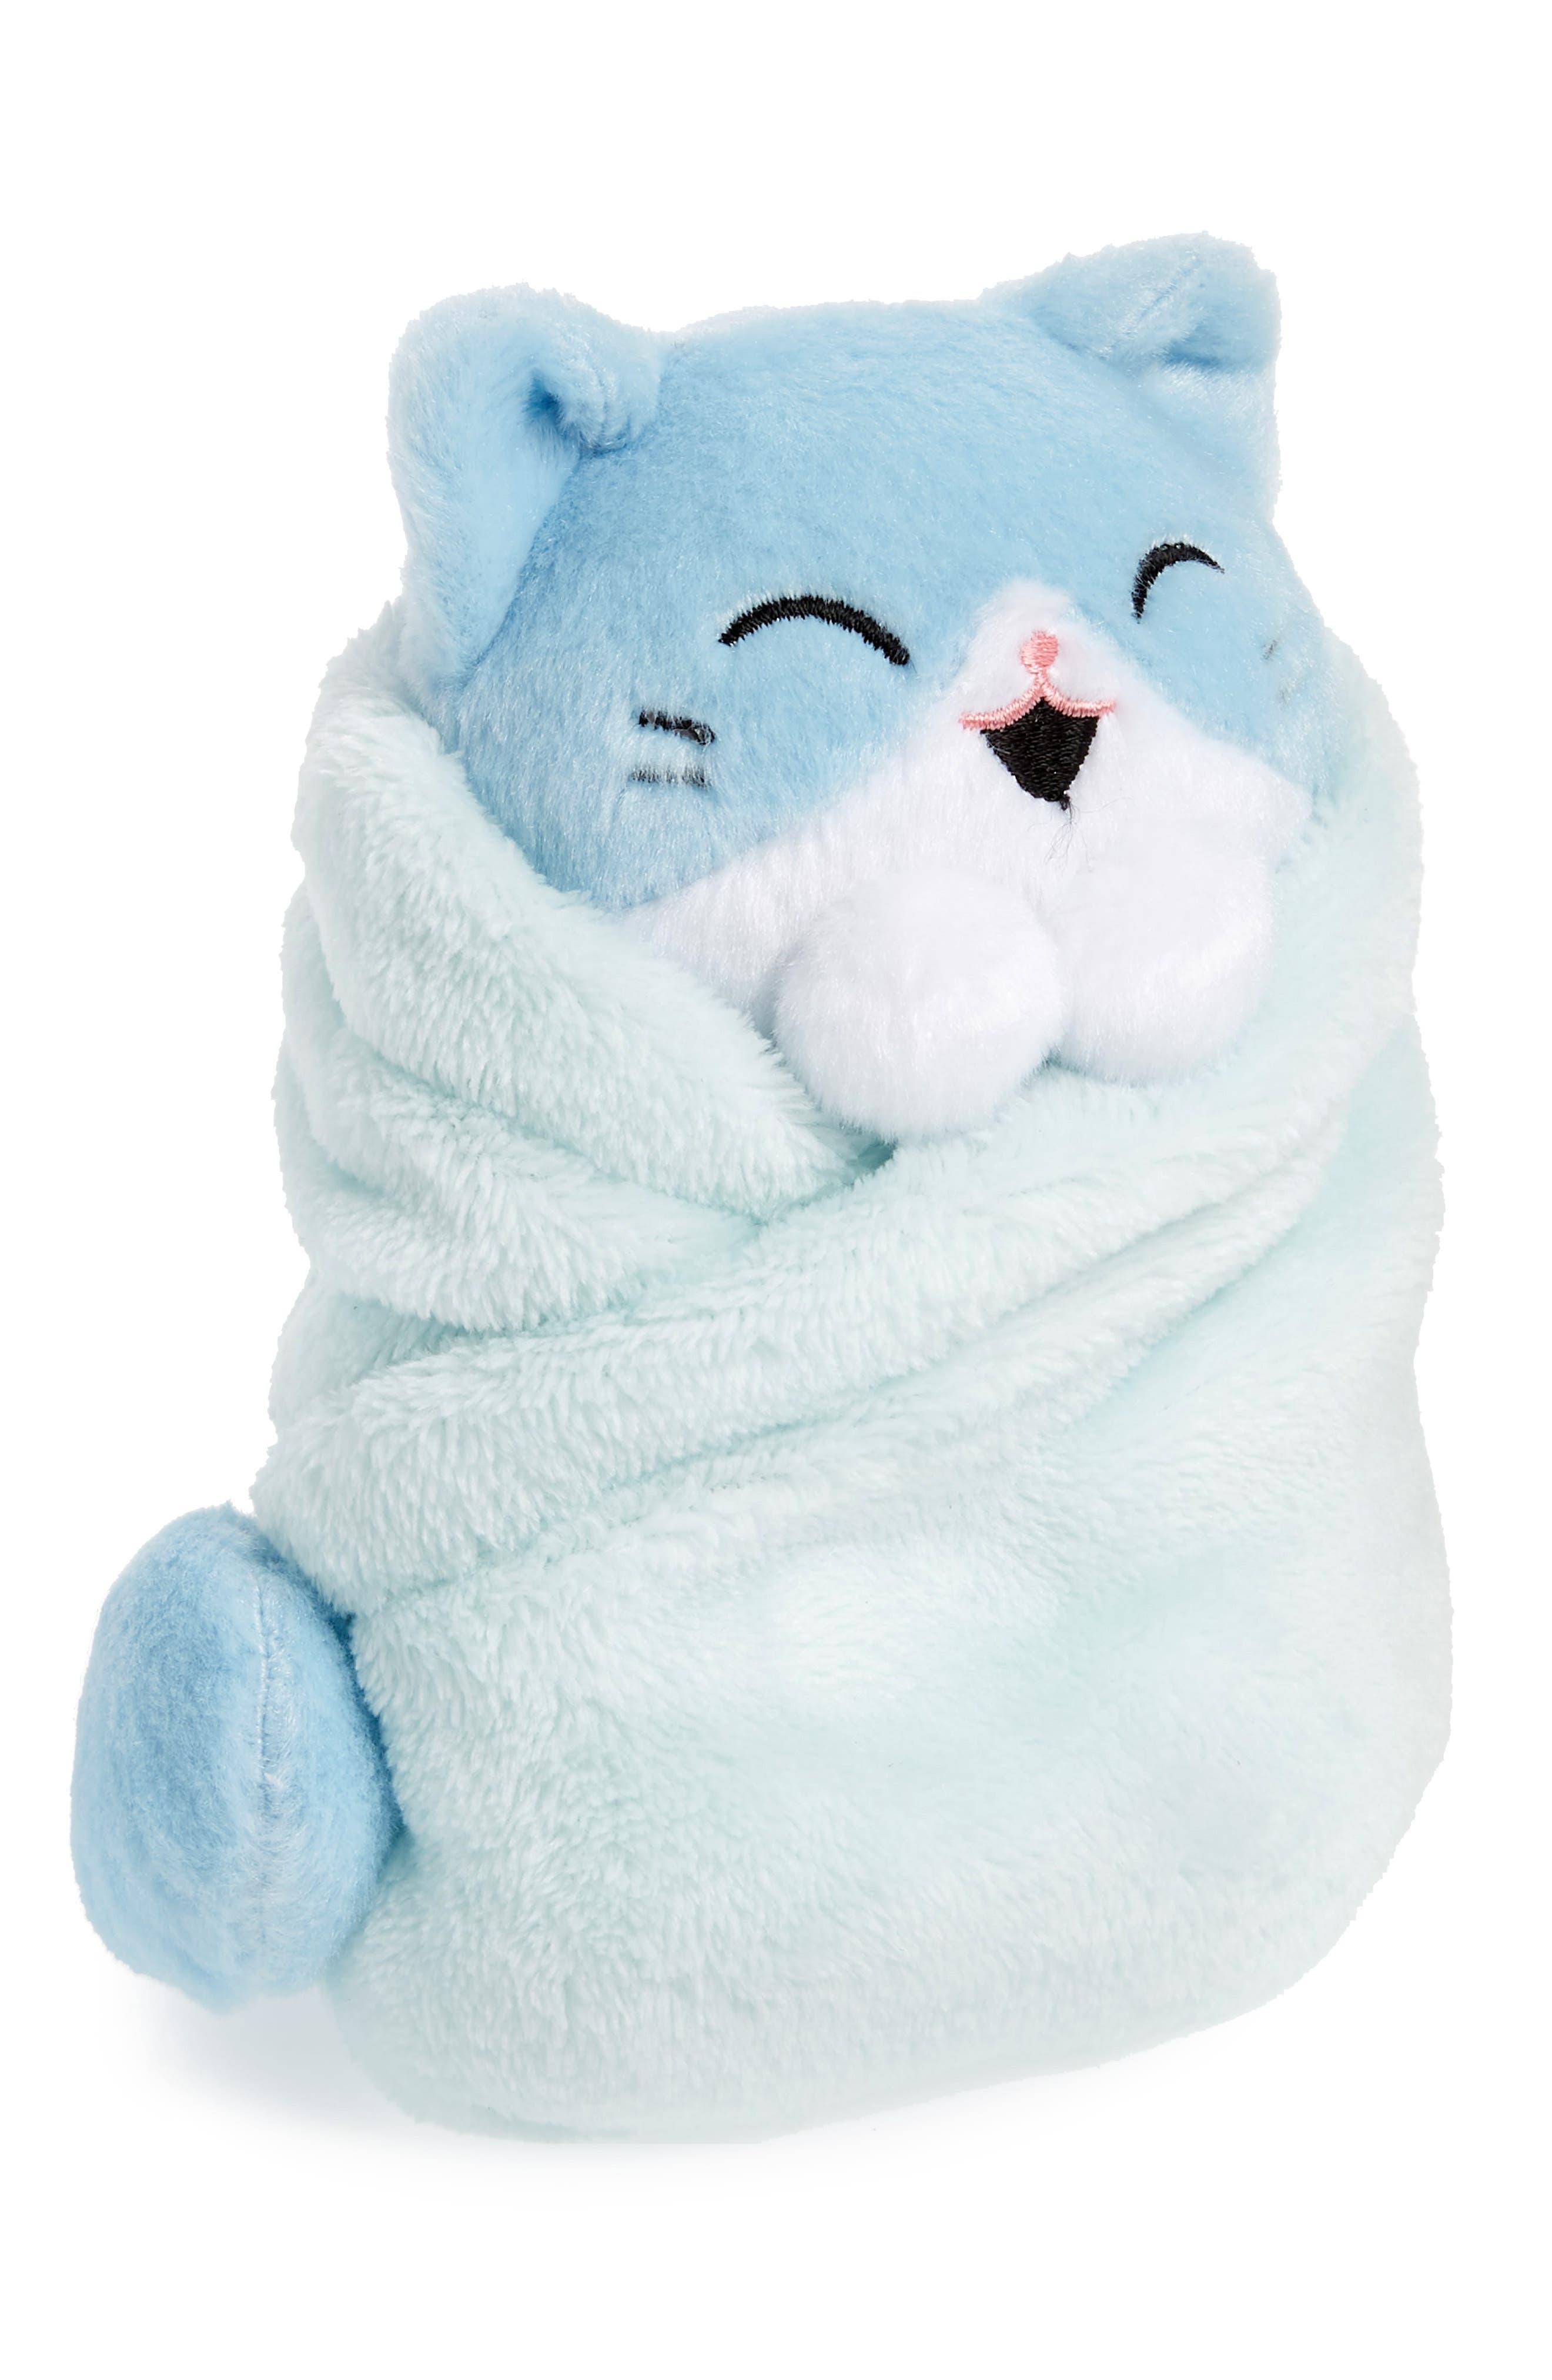 Purritos - Tuna Stuffed Toy,                         Main,                         color, 450